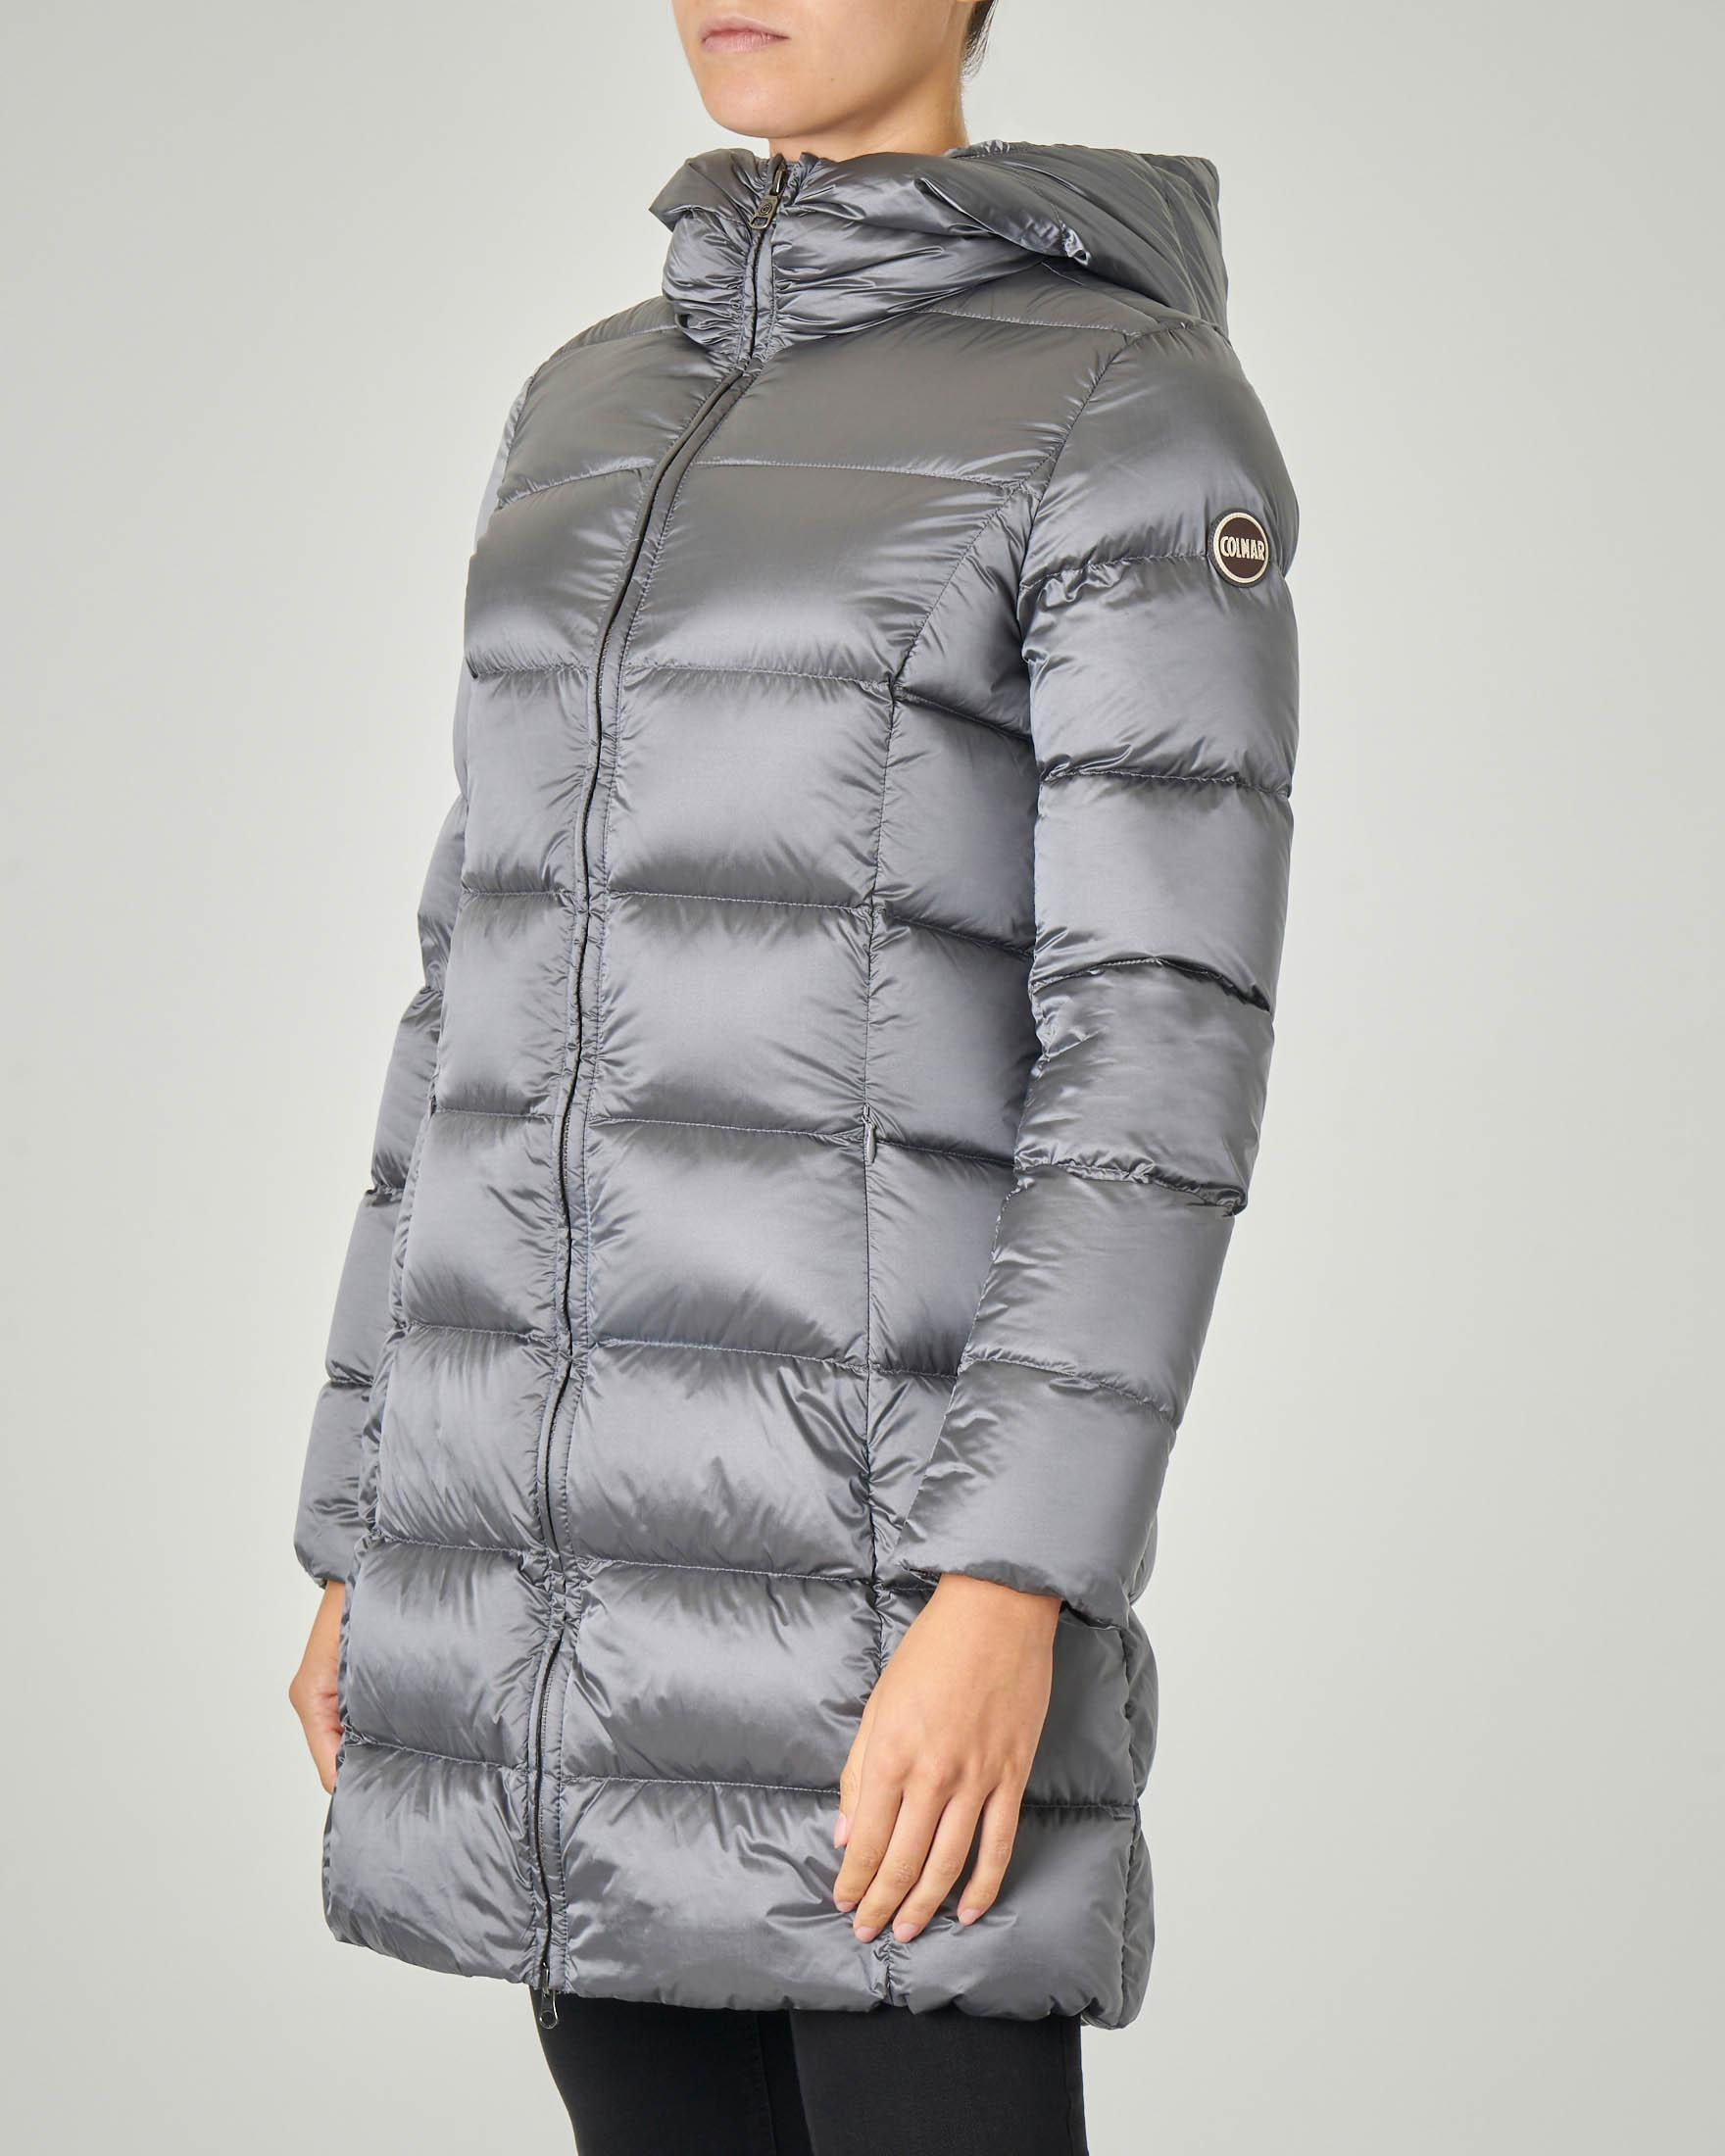 Piumino grigio piombo effetto lucido lunghezza media con cappuccio